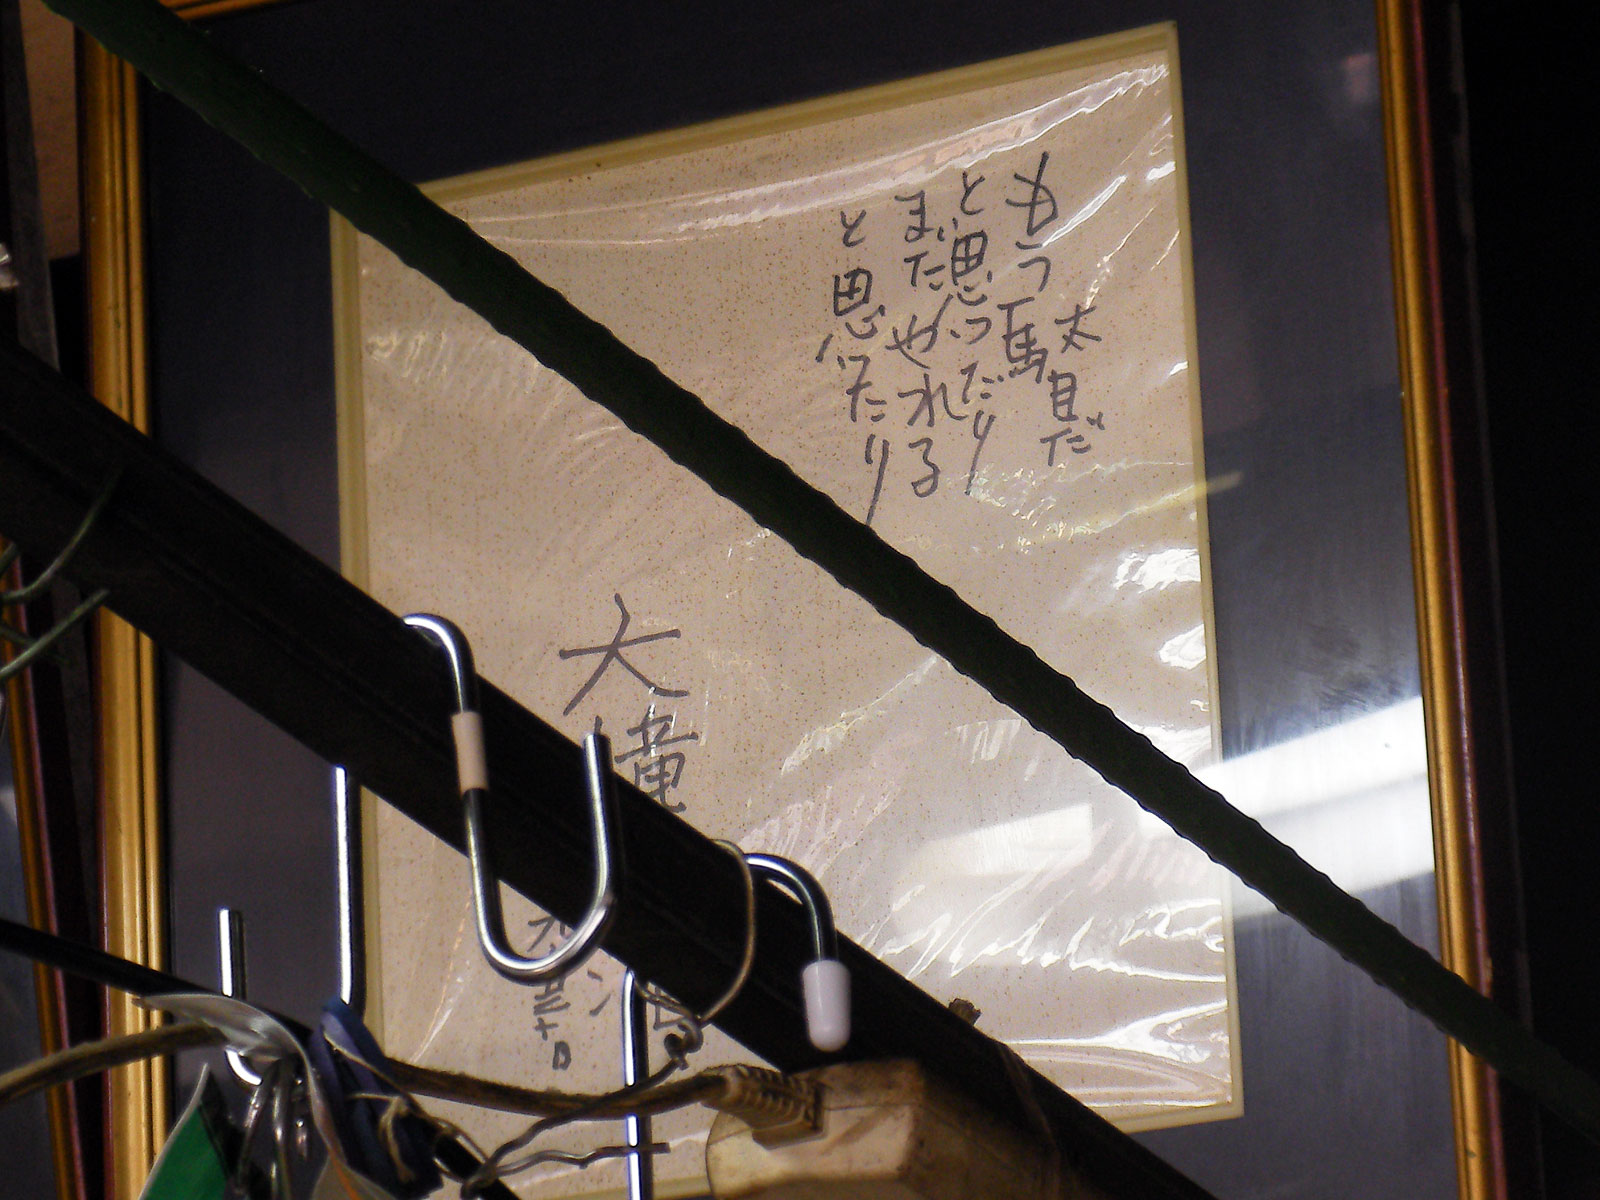 板橋区仲宿のパンダ焼き「三條」